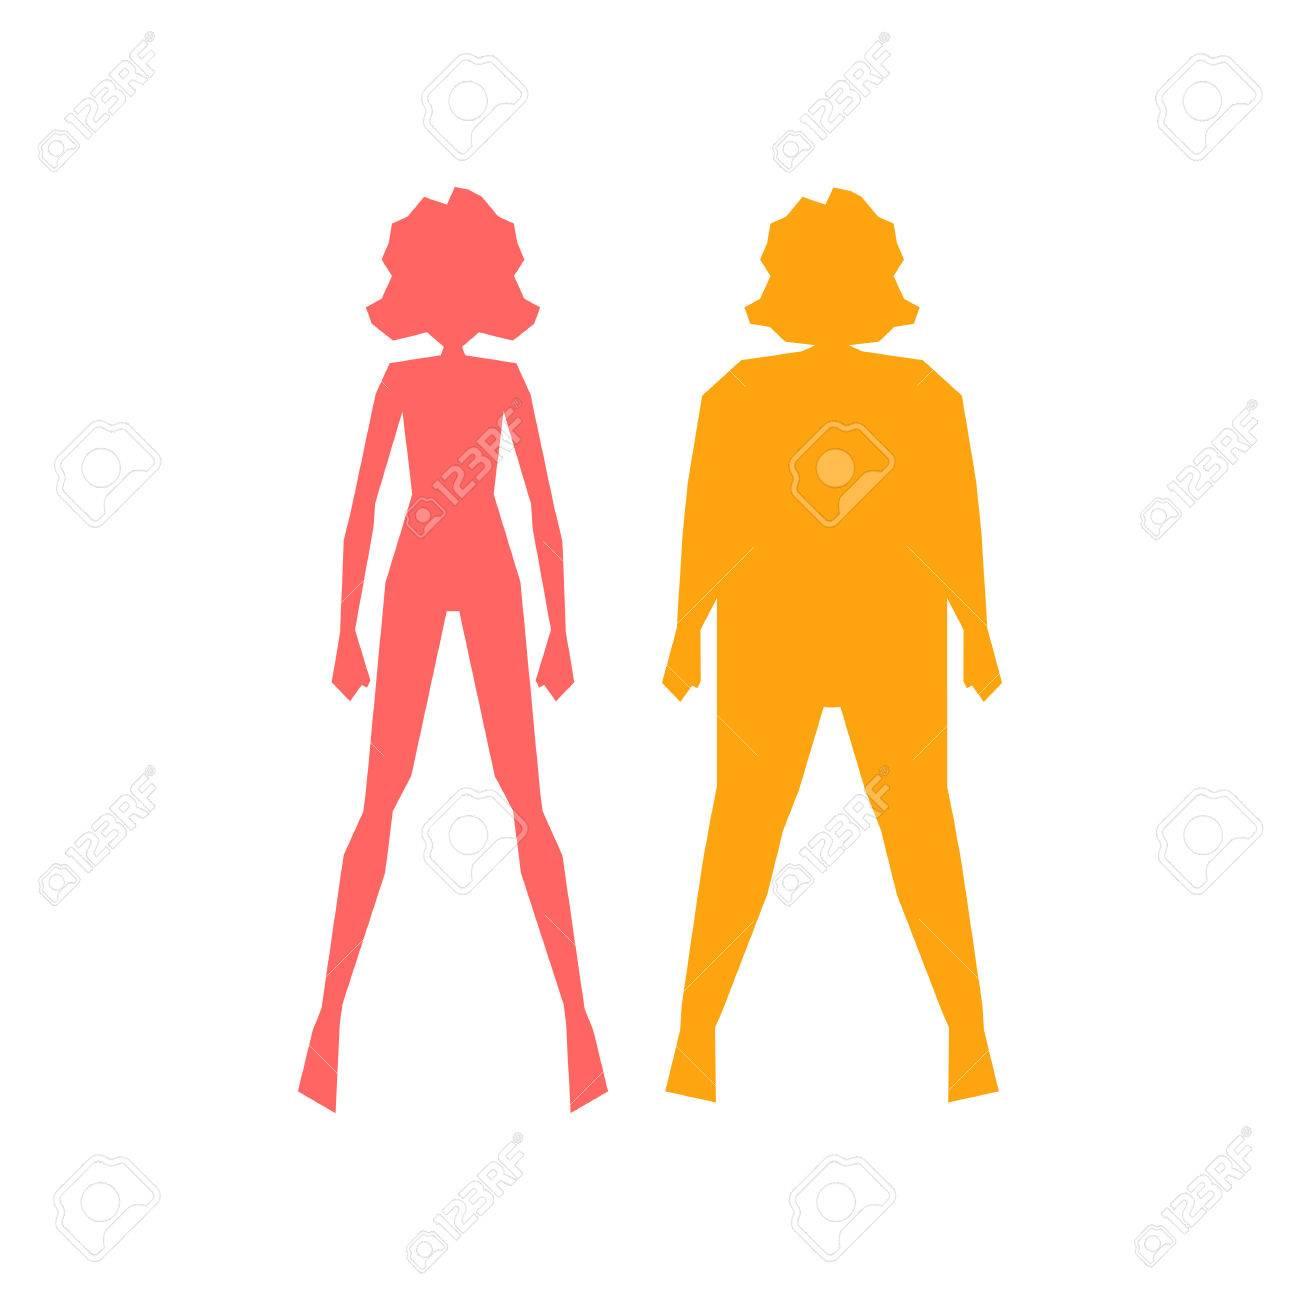 Ziemlich Weibliche Körper Vorlage Ideen - Entry Level Resume ...